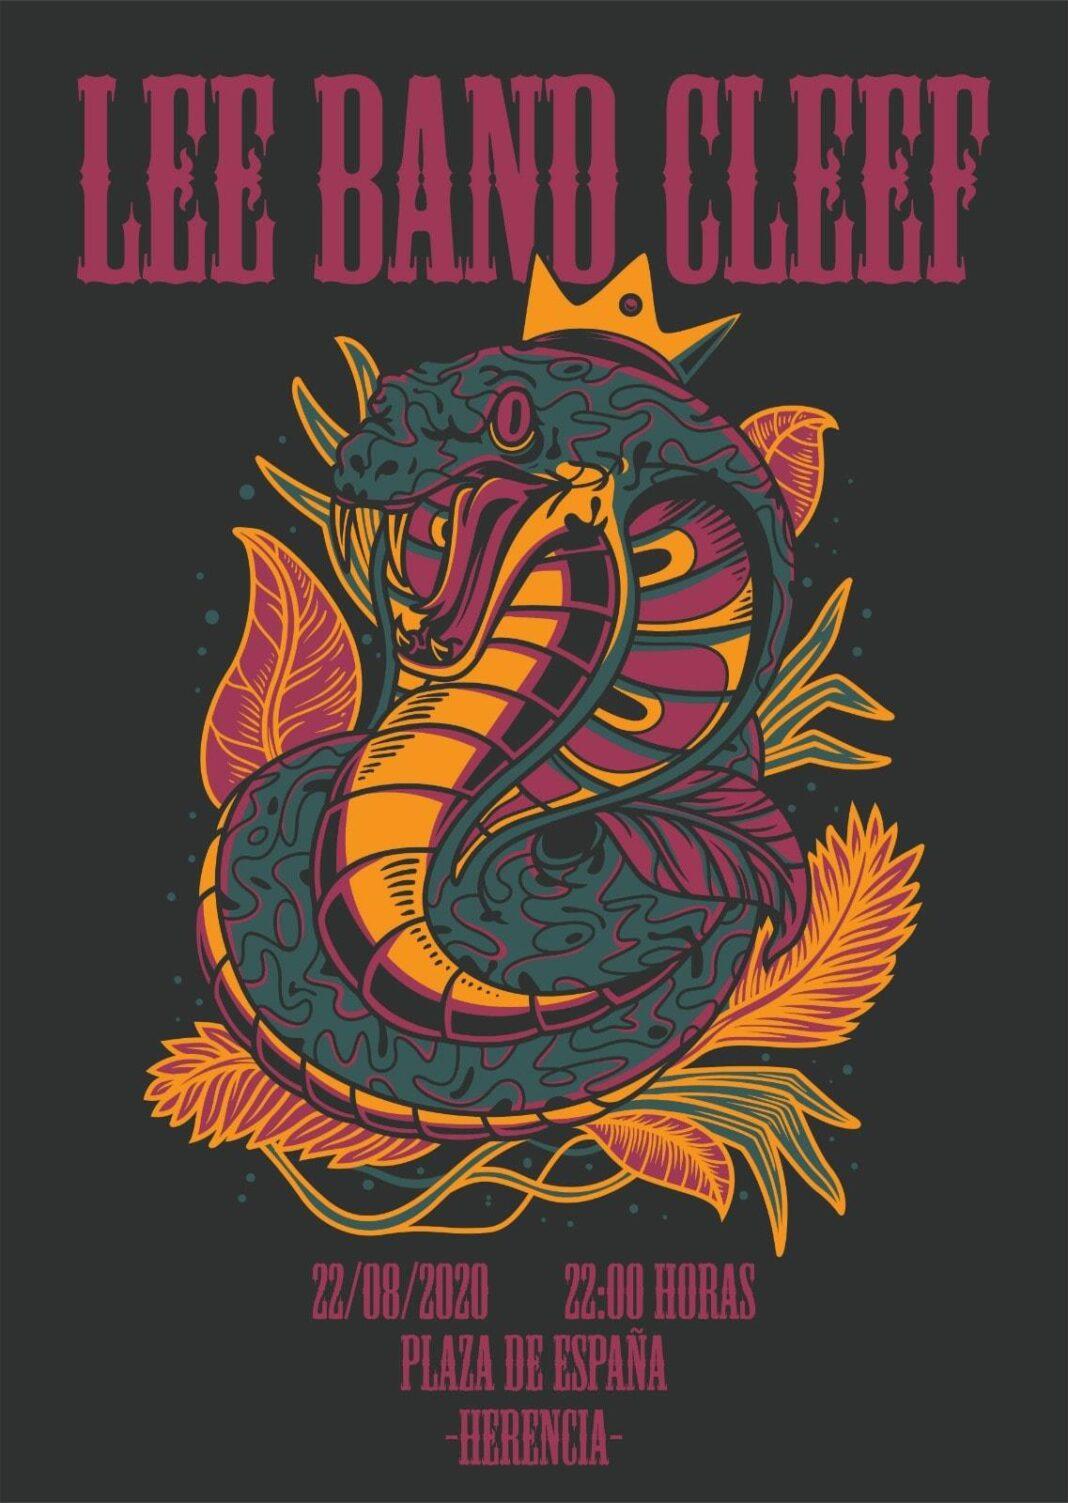 Lee Band Cleef 1068x1503 - Lee Band Cleef actuará por primera vez en directo en Herencia